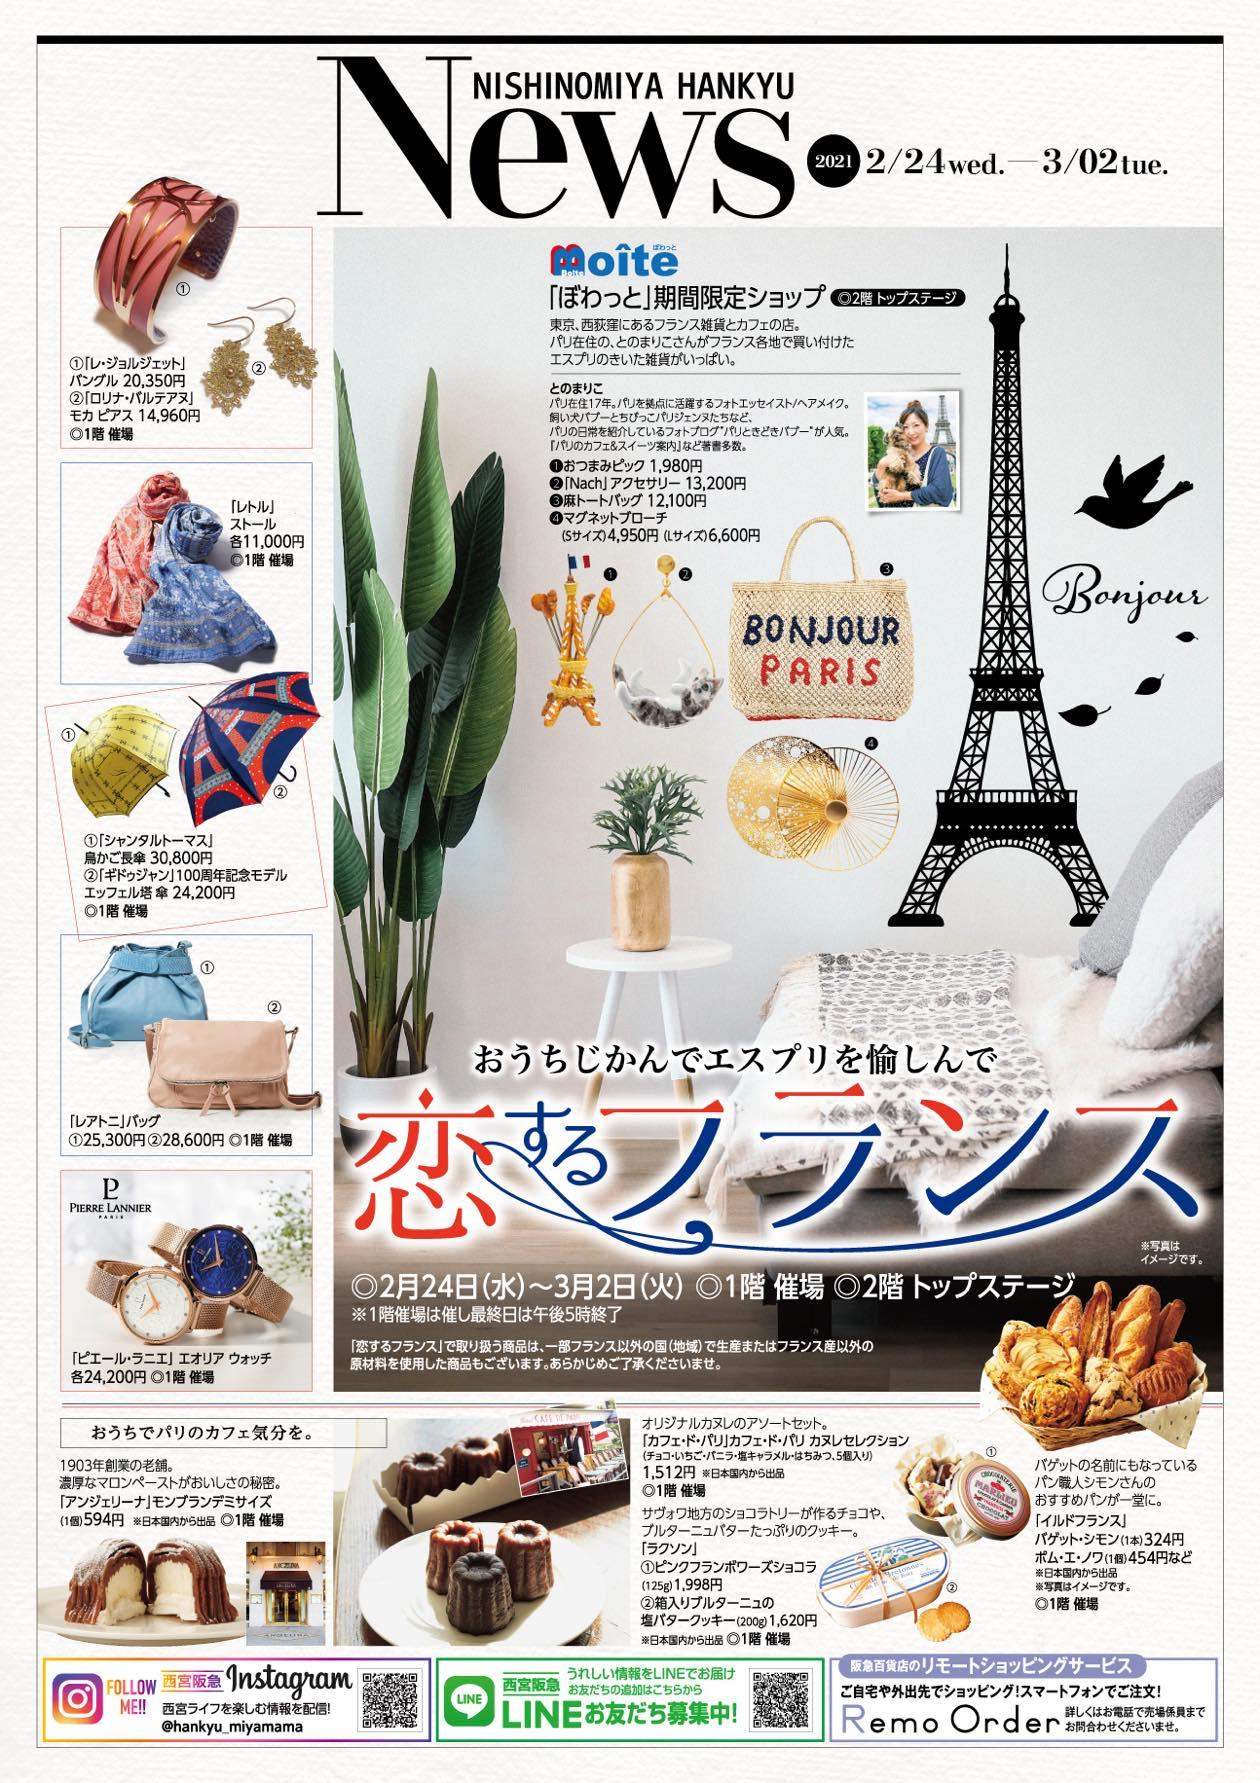 西宮阪急 〜恋するフランス〜 に出店